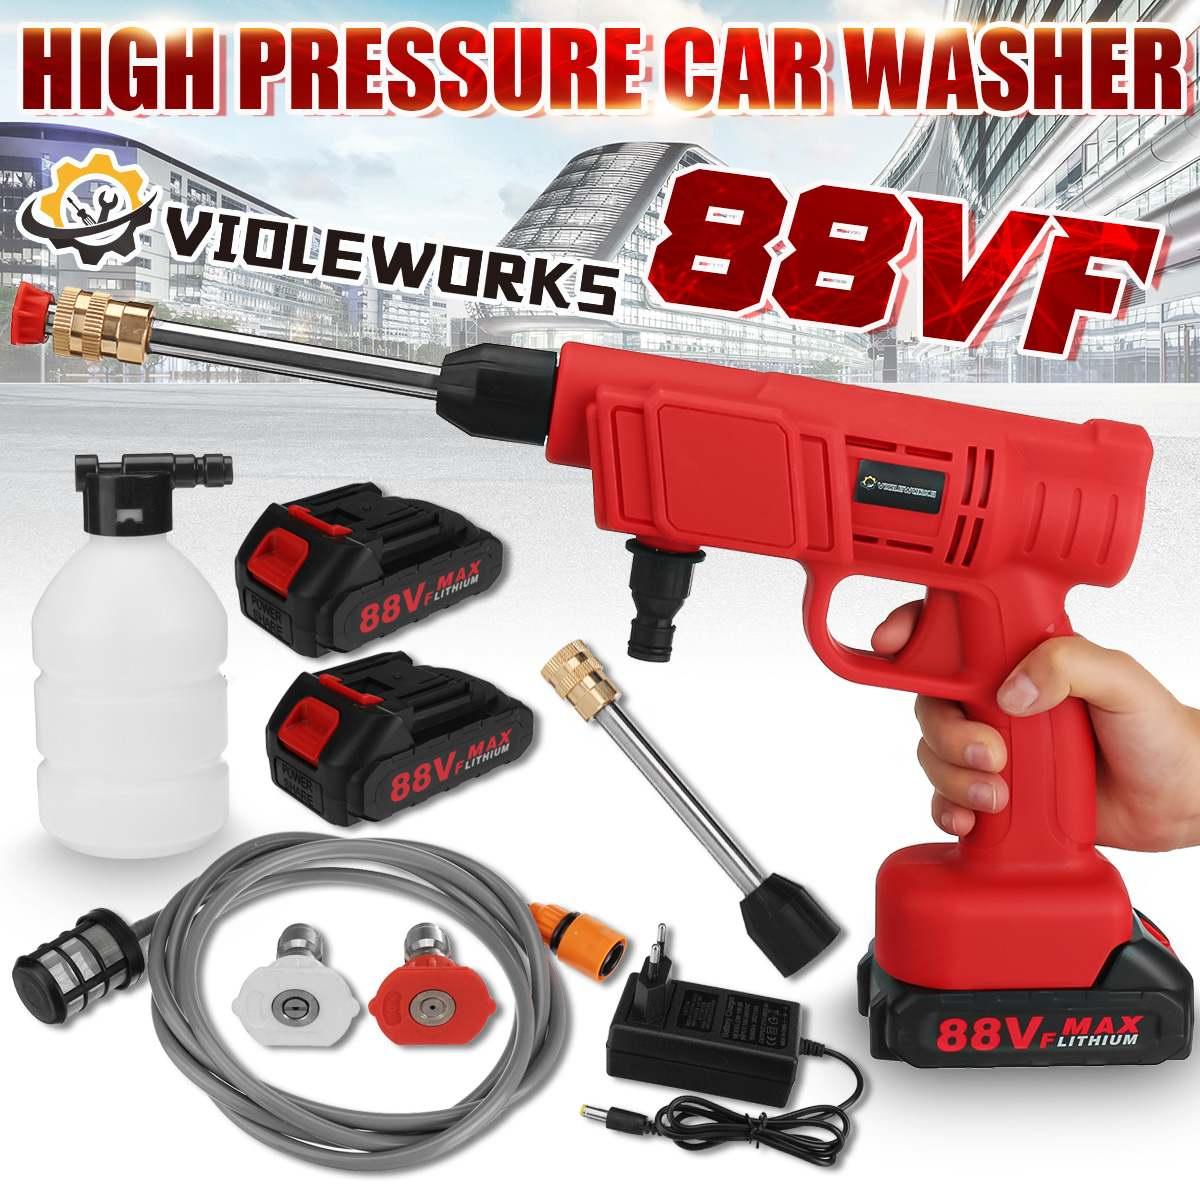 10000Mah 88 فولت ارتفاع ضغط اللاسلكي آلة غسل سيارات رذاذ الماء بندقية غسيل السيارات فوهة ماء آلة التنظيف للبطارية ماكيتا 18 فولت